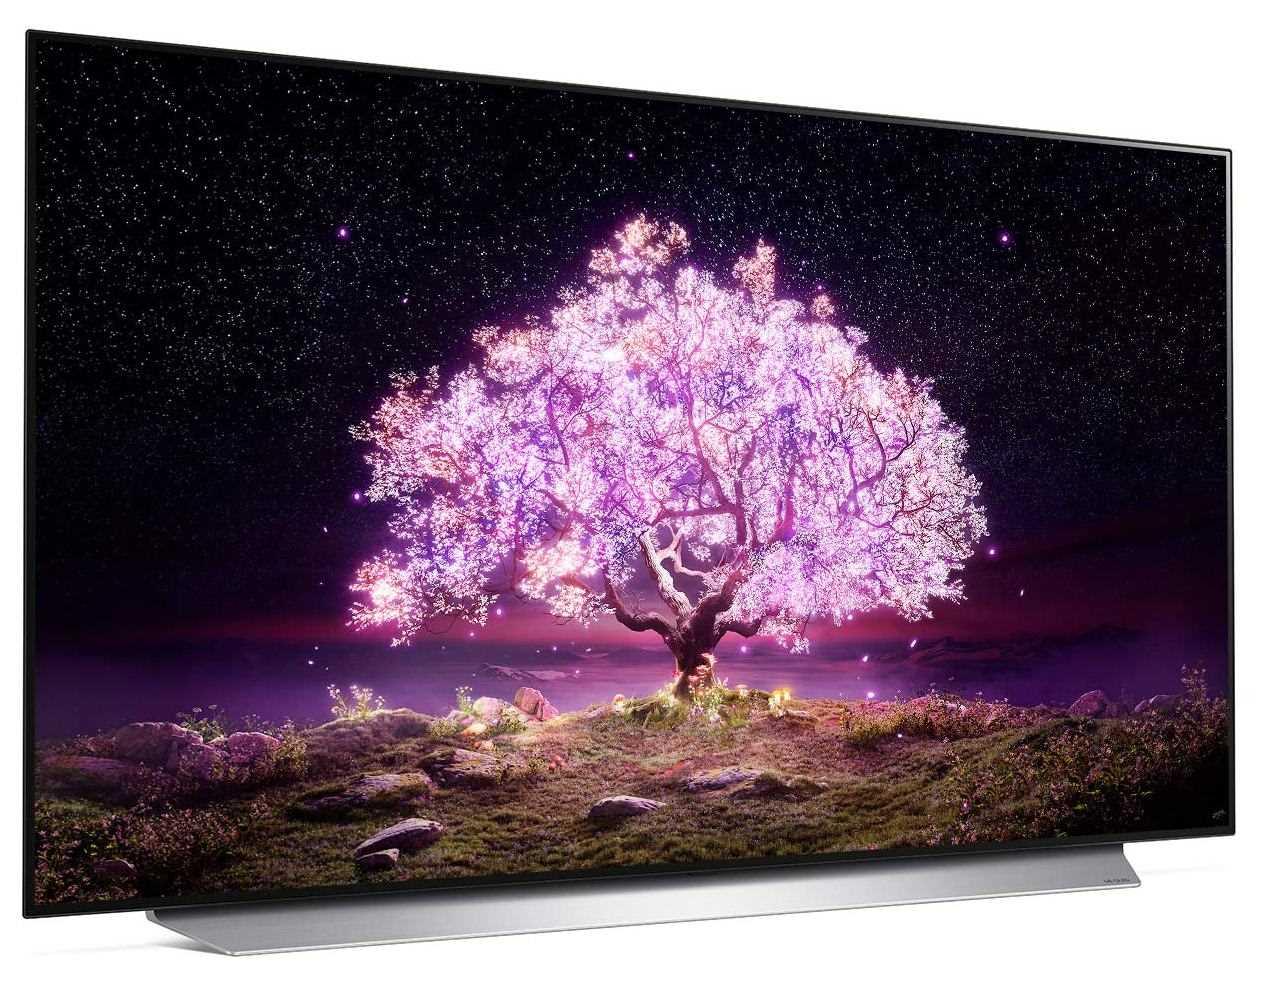 טלוויזיה 55 אינץ' דגם OLED 55C1PVB  בטכנולוגיית LG OLED 4K Ultra HD אל ג'י - תמונה 7